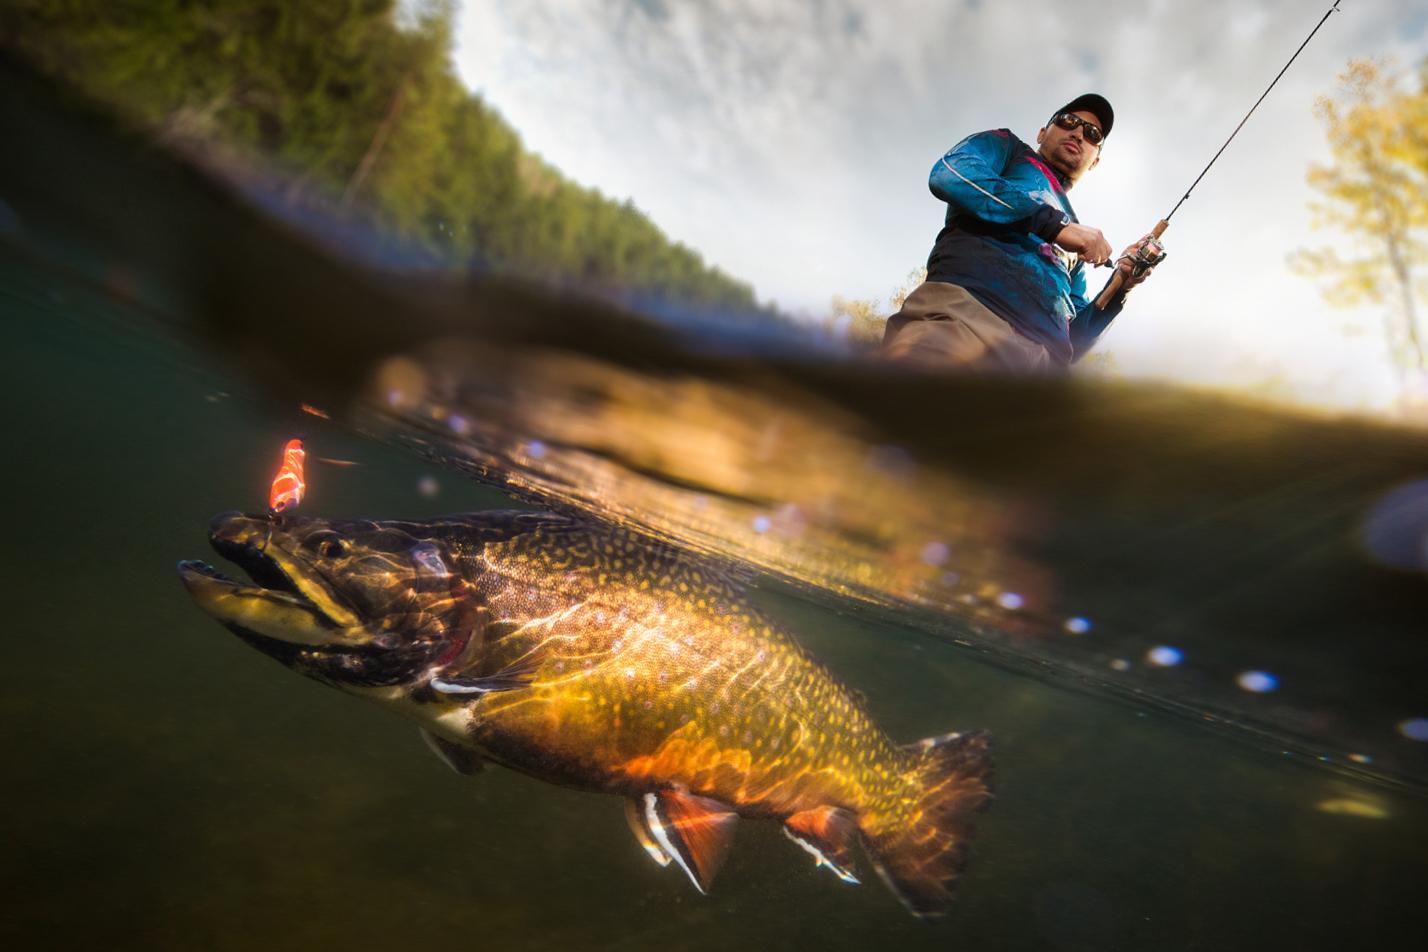 Pêcheur avec sa canne à pêche qui pêche un omble de fontaine anadrome.